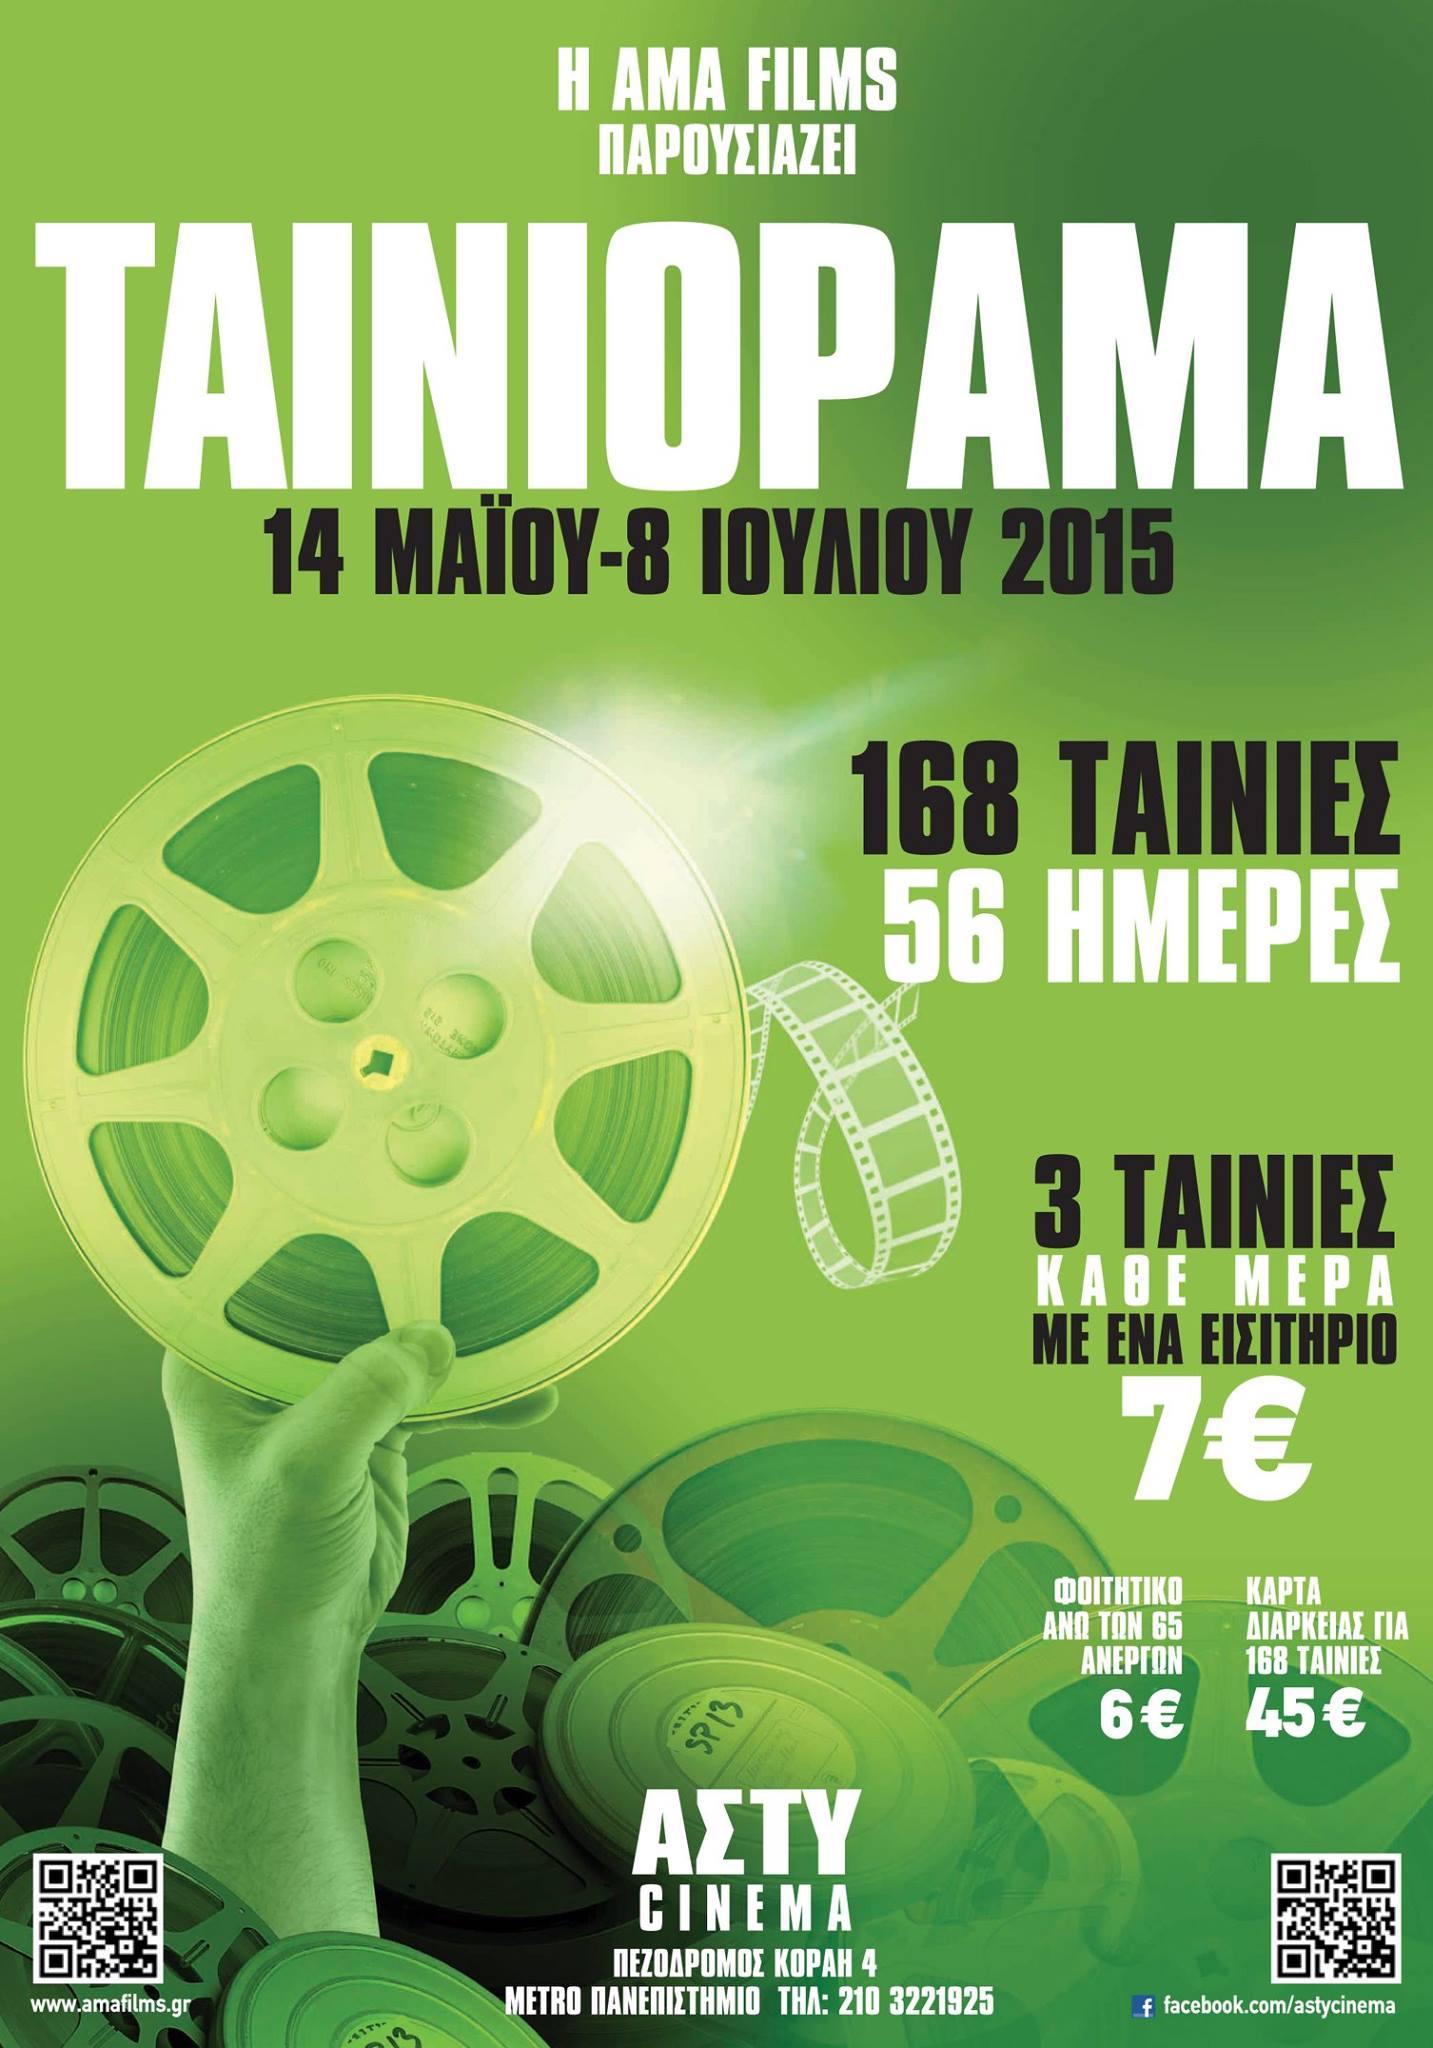 Ξεκινάει στις 14 Μαΐου η γιορτή του σινεφίλ   Ταινιόραμα2015